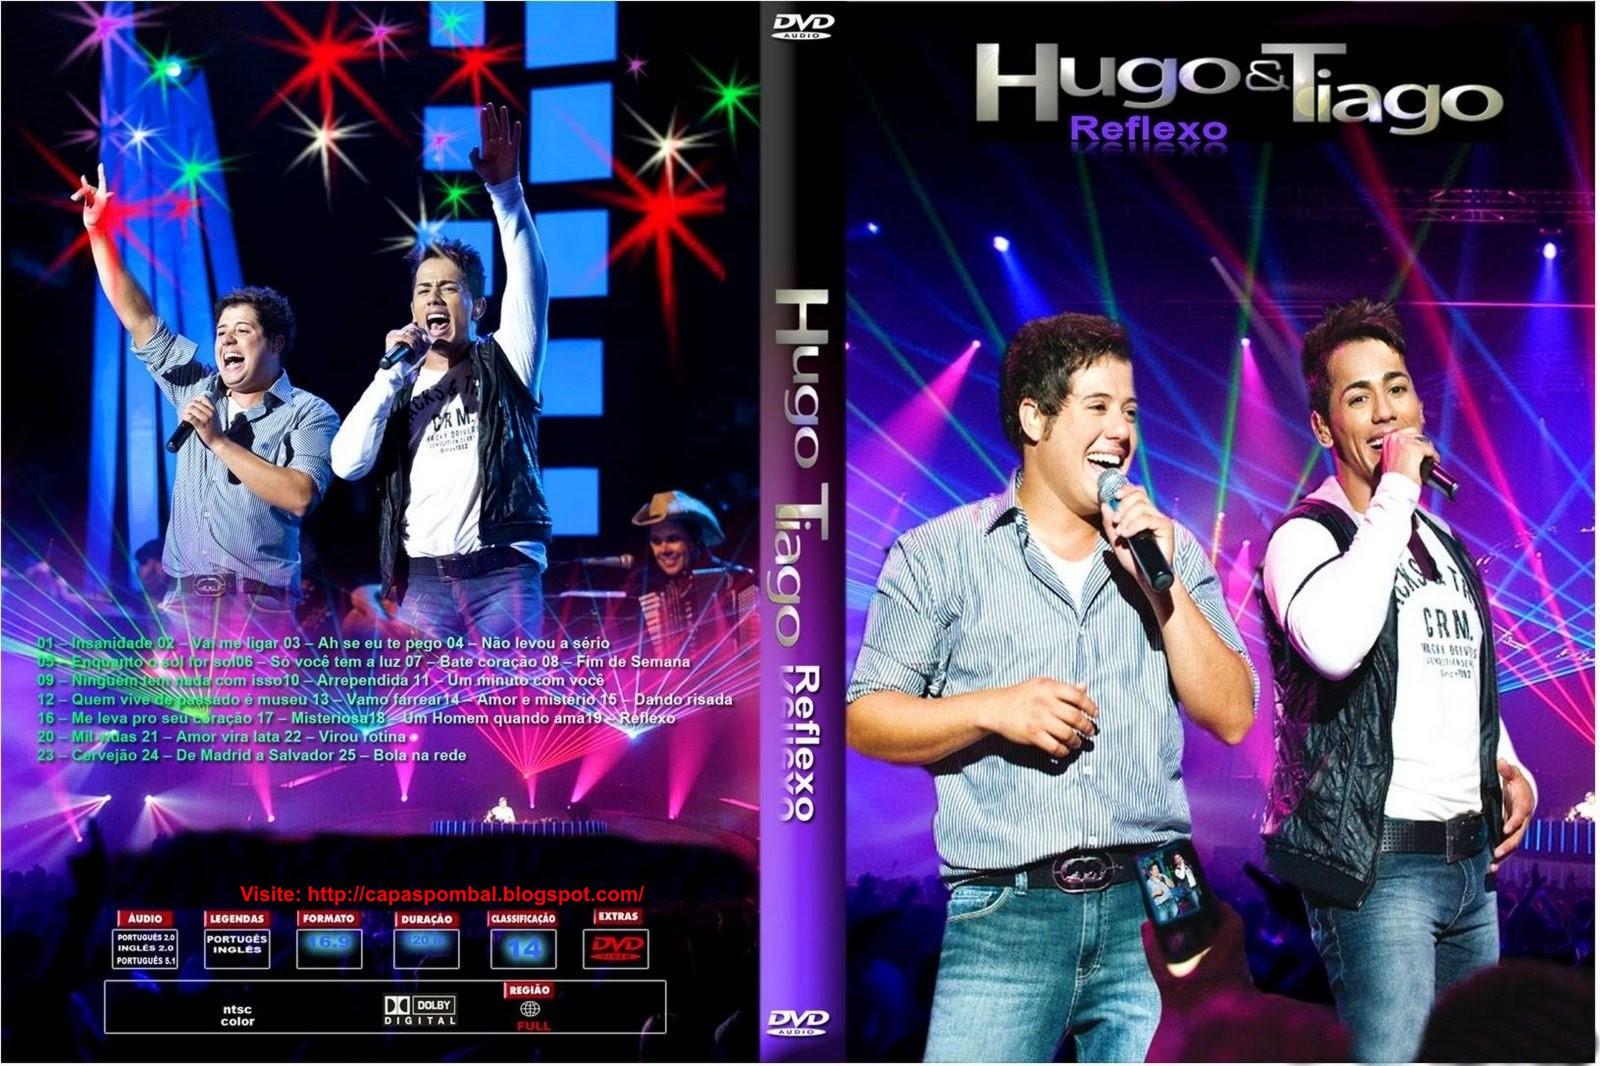 Hugo e Tiago Reflexo DVDRip XviD 2011 Hugo e Tiago   Reflexos